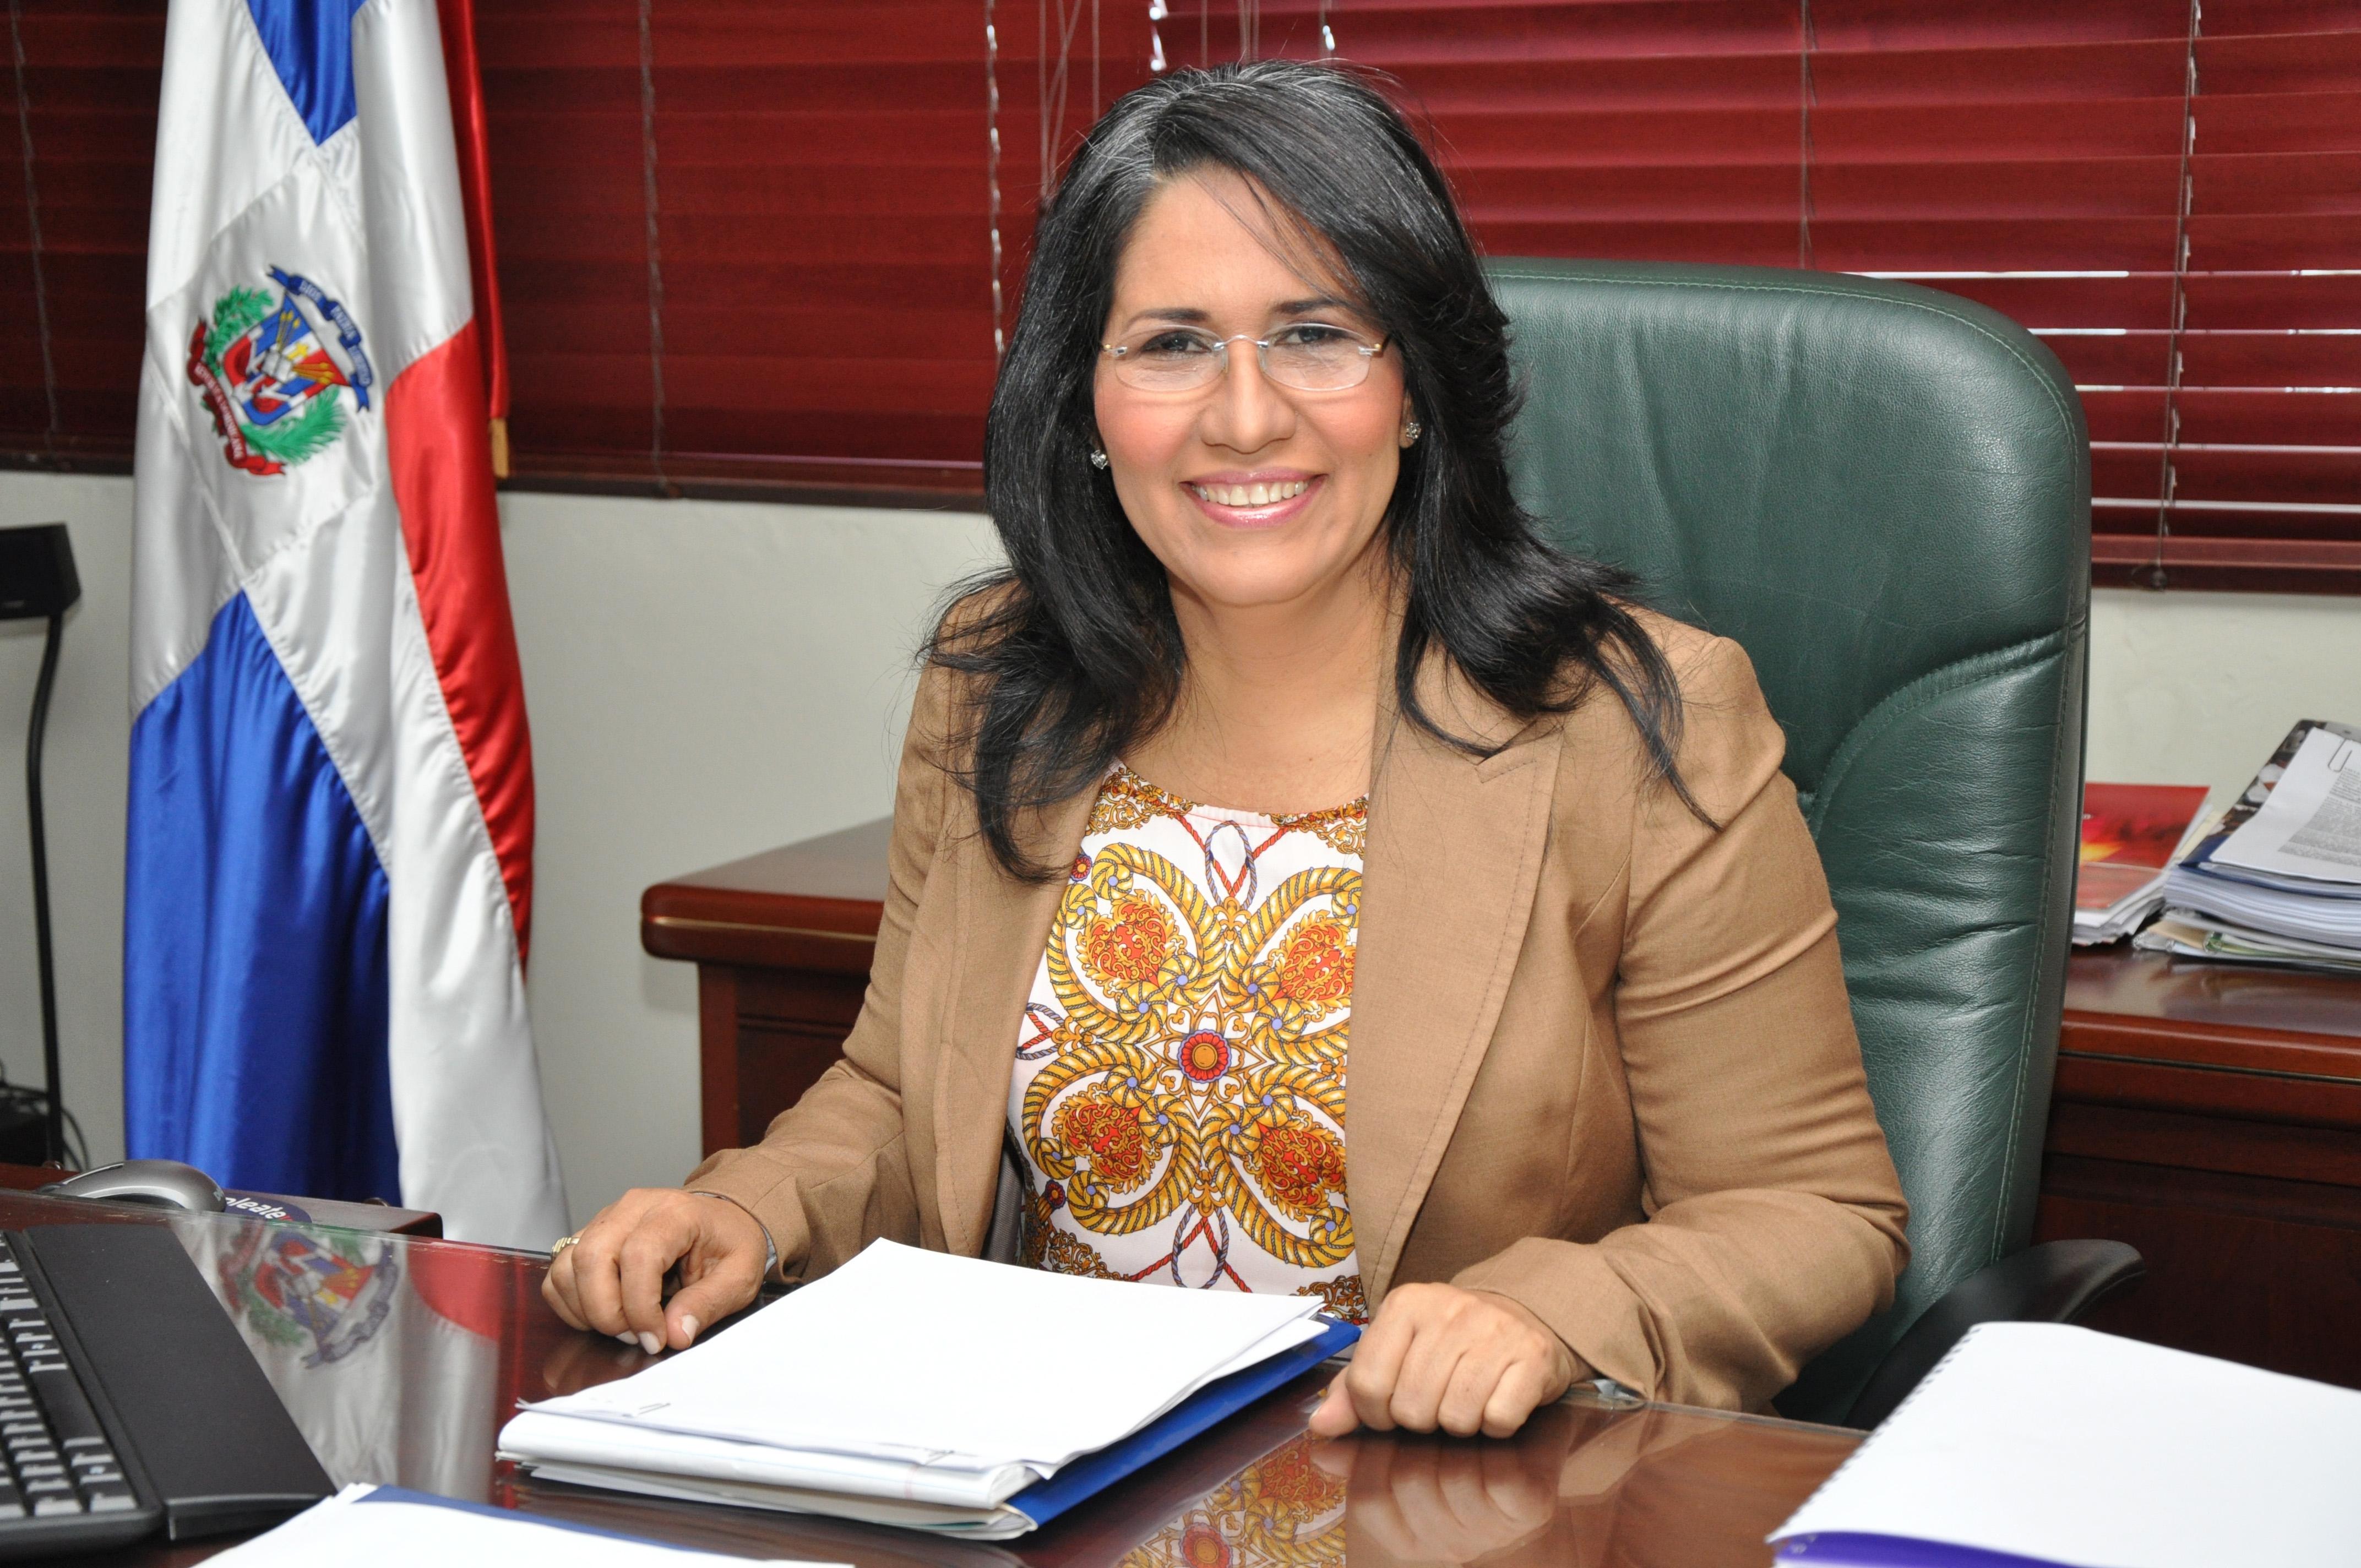 Ministra de Trabajo asiste a reunión regional sobre mercado laboral y seguridad social